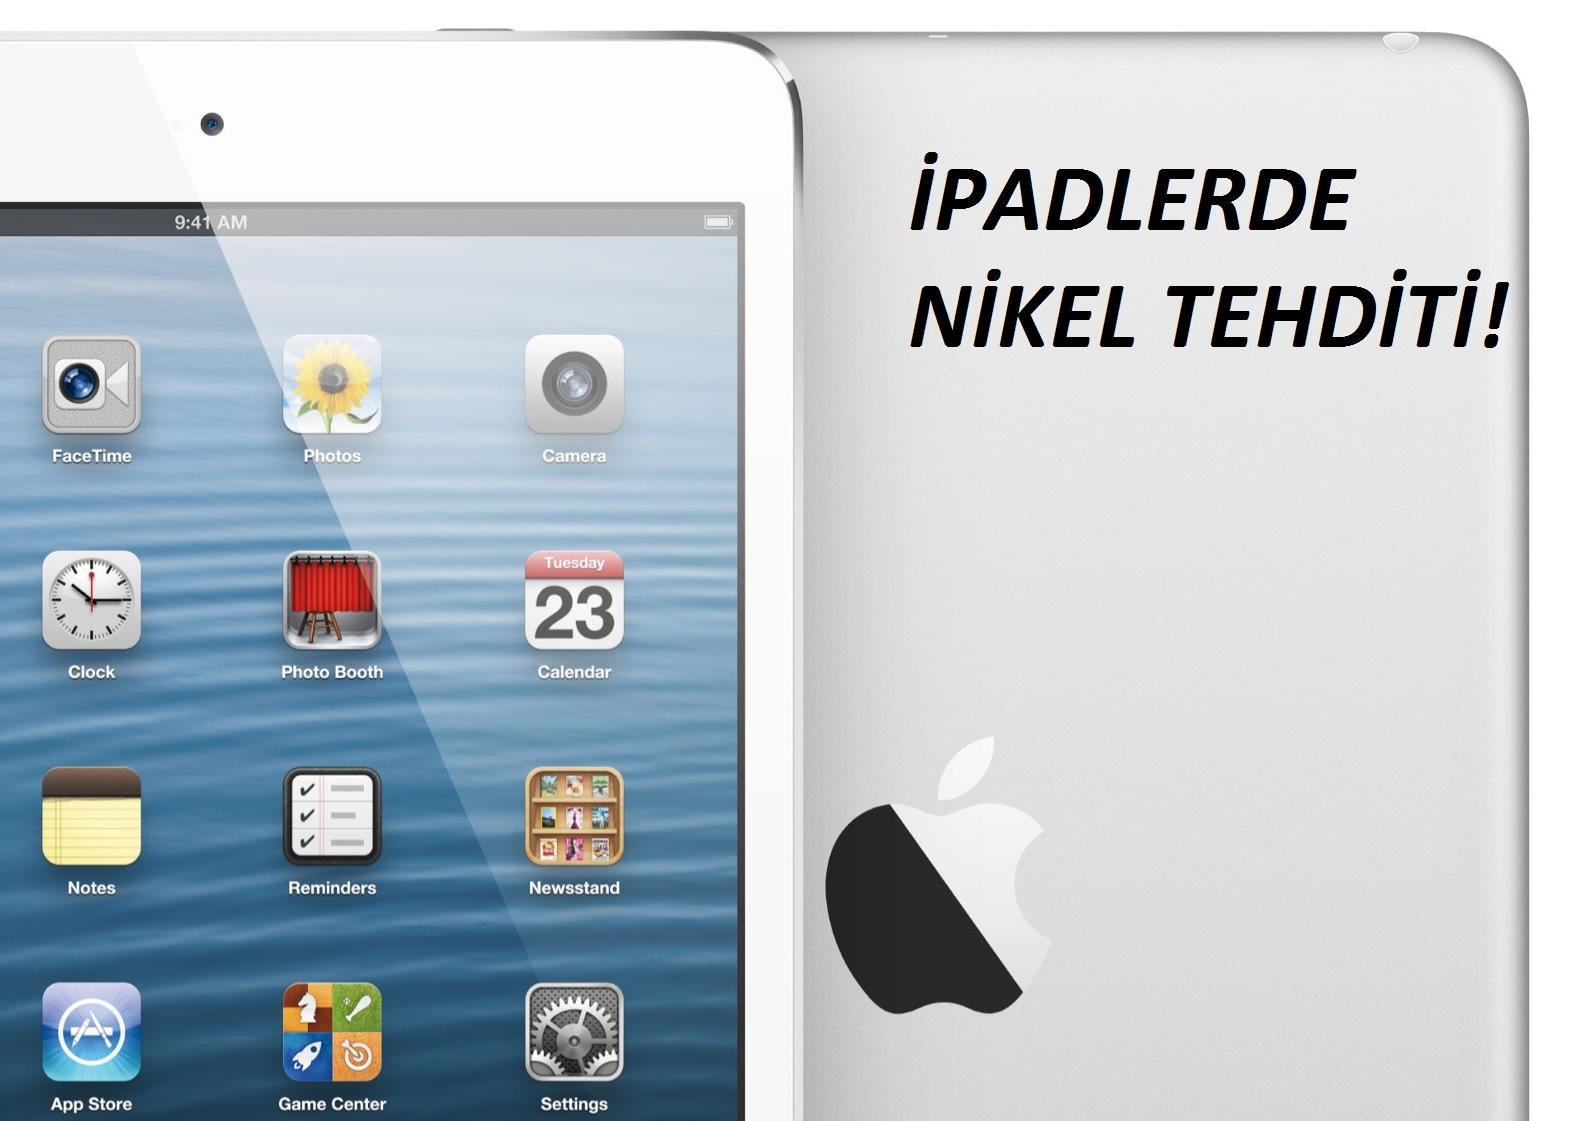 iPadler Alerjik Reaksiyonlara mı Yol Açıyor?